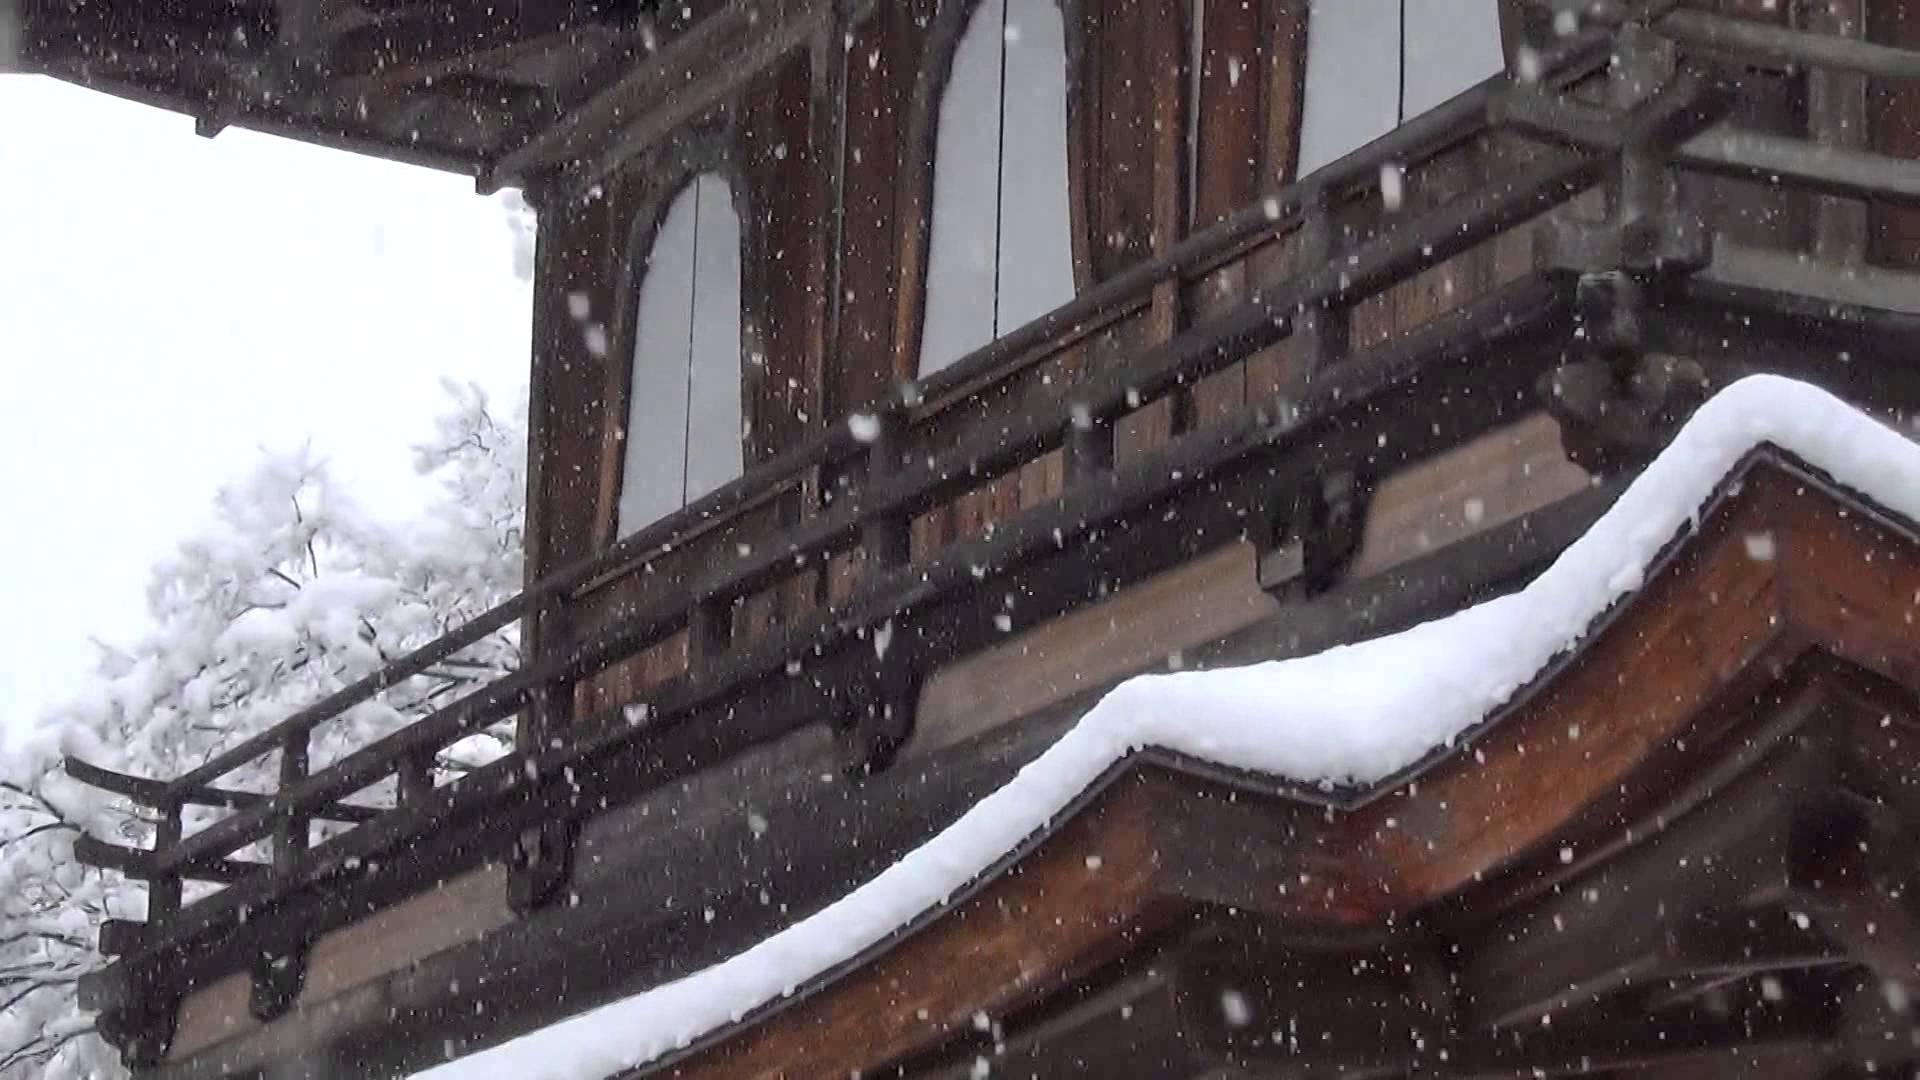 待望の雪化粧銀閣寺が登場。後ろの自然豊かな山々に囲まれた立地、雪に覆われた庭の中の風格ある銀閣寺にうっとり